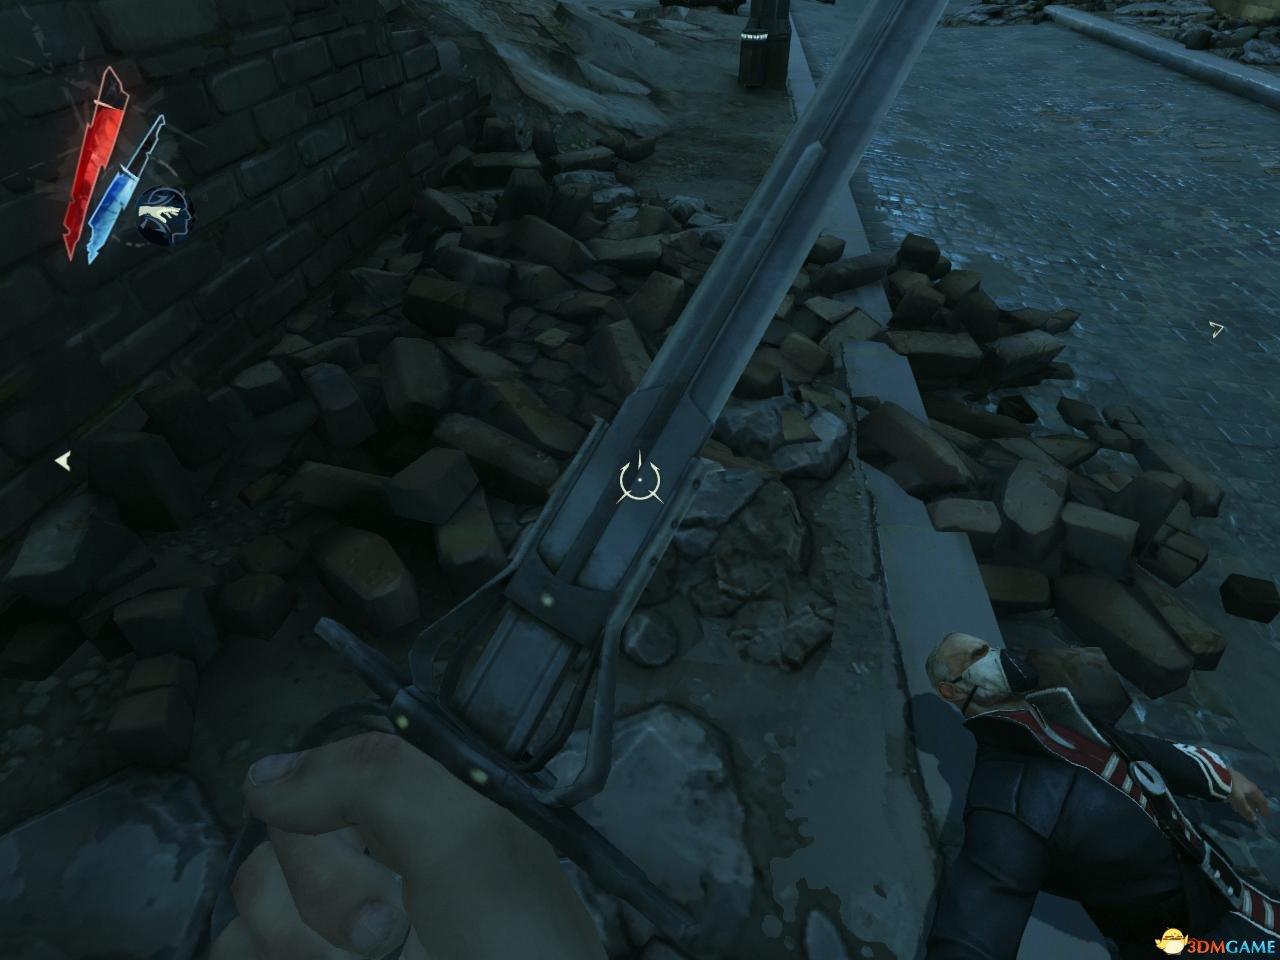 这把是非拿不可的因为钥匙绑定了    刺客刀:从锅里脱出刺客桌子上